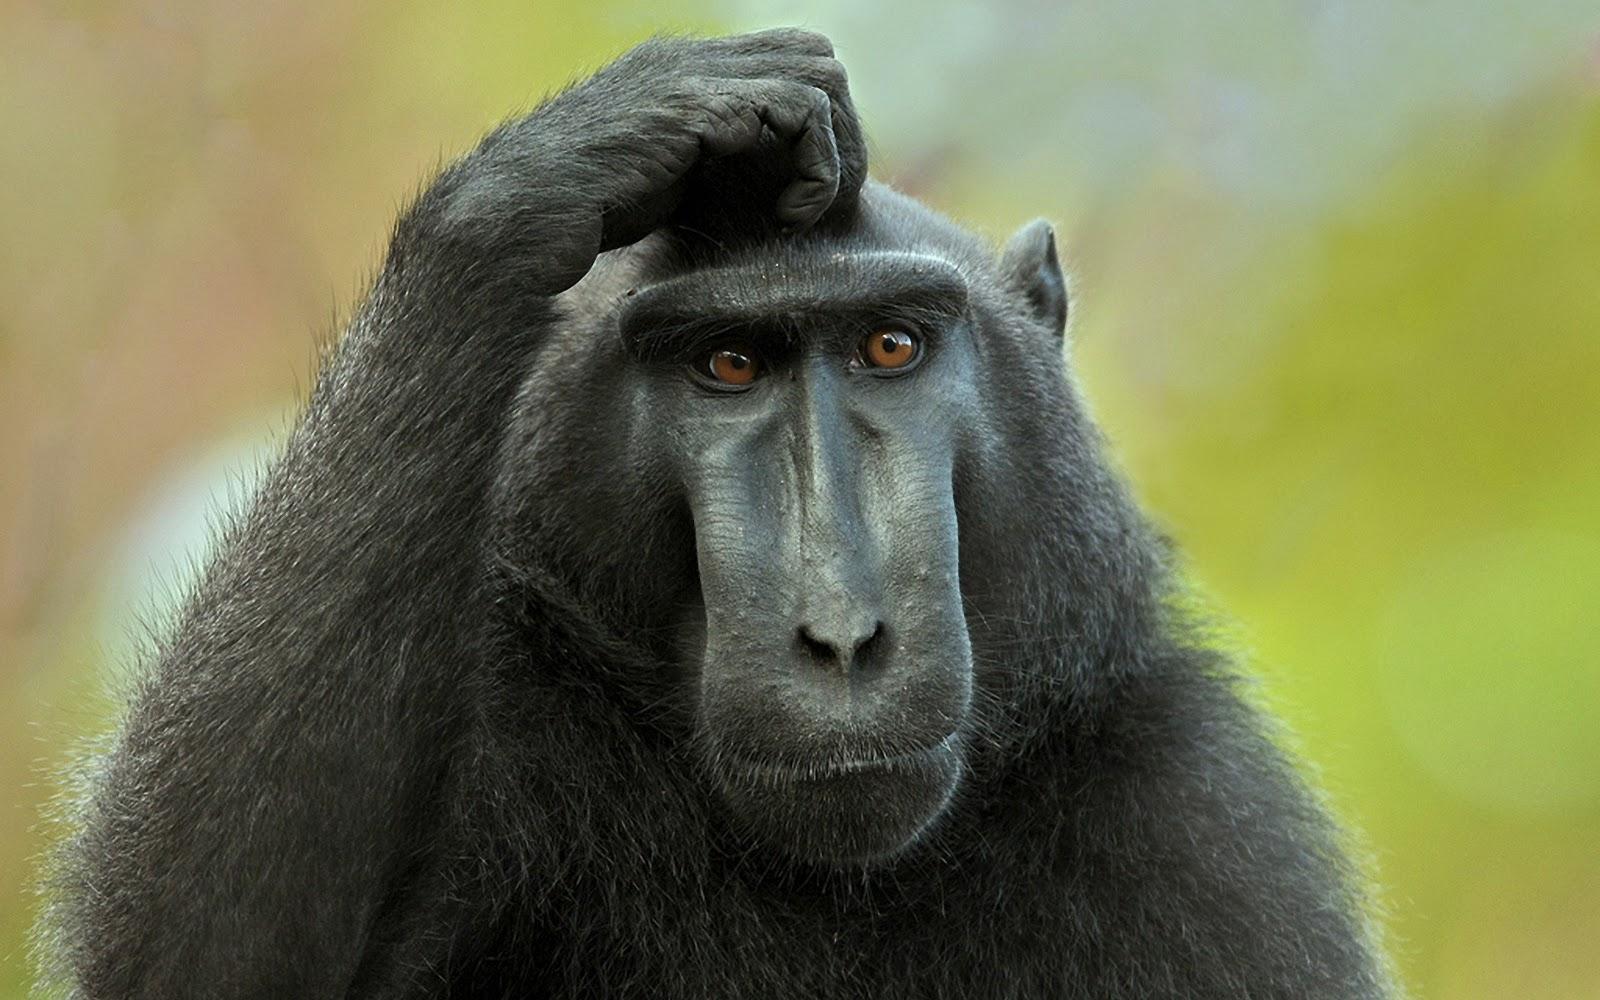 http://3.bp.blogspot.com/-LmSdTGLcwyY/UC_Boknvo5I/AAAAAAAAJtU/ytRZ2bFkG_w/s1600/Monkey+HD+Wallpapers+%281%29.jpg